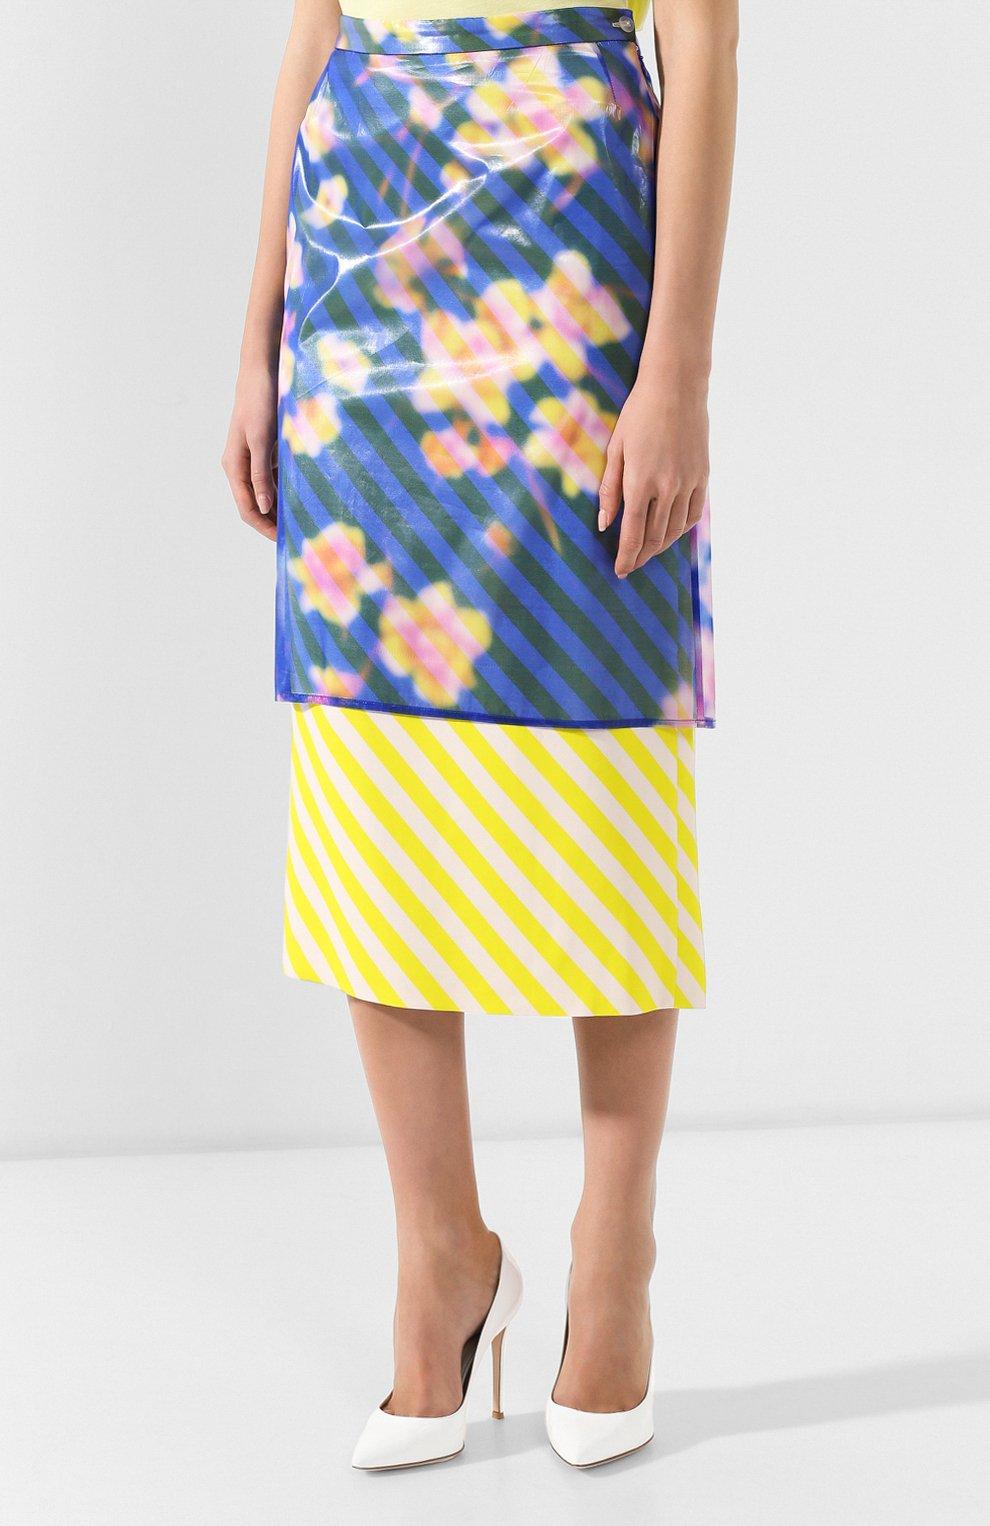 Женская юбка-миди DRIES VAN NOTEN синего цвета, арт. 191-10855-7102 | Фото 3 (Материал внешний: Шелк, Синтетический материал; Длина Ж (юбки, платья, шорты): Миди; Статус проверки: Проверено)